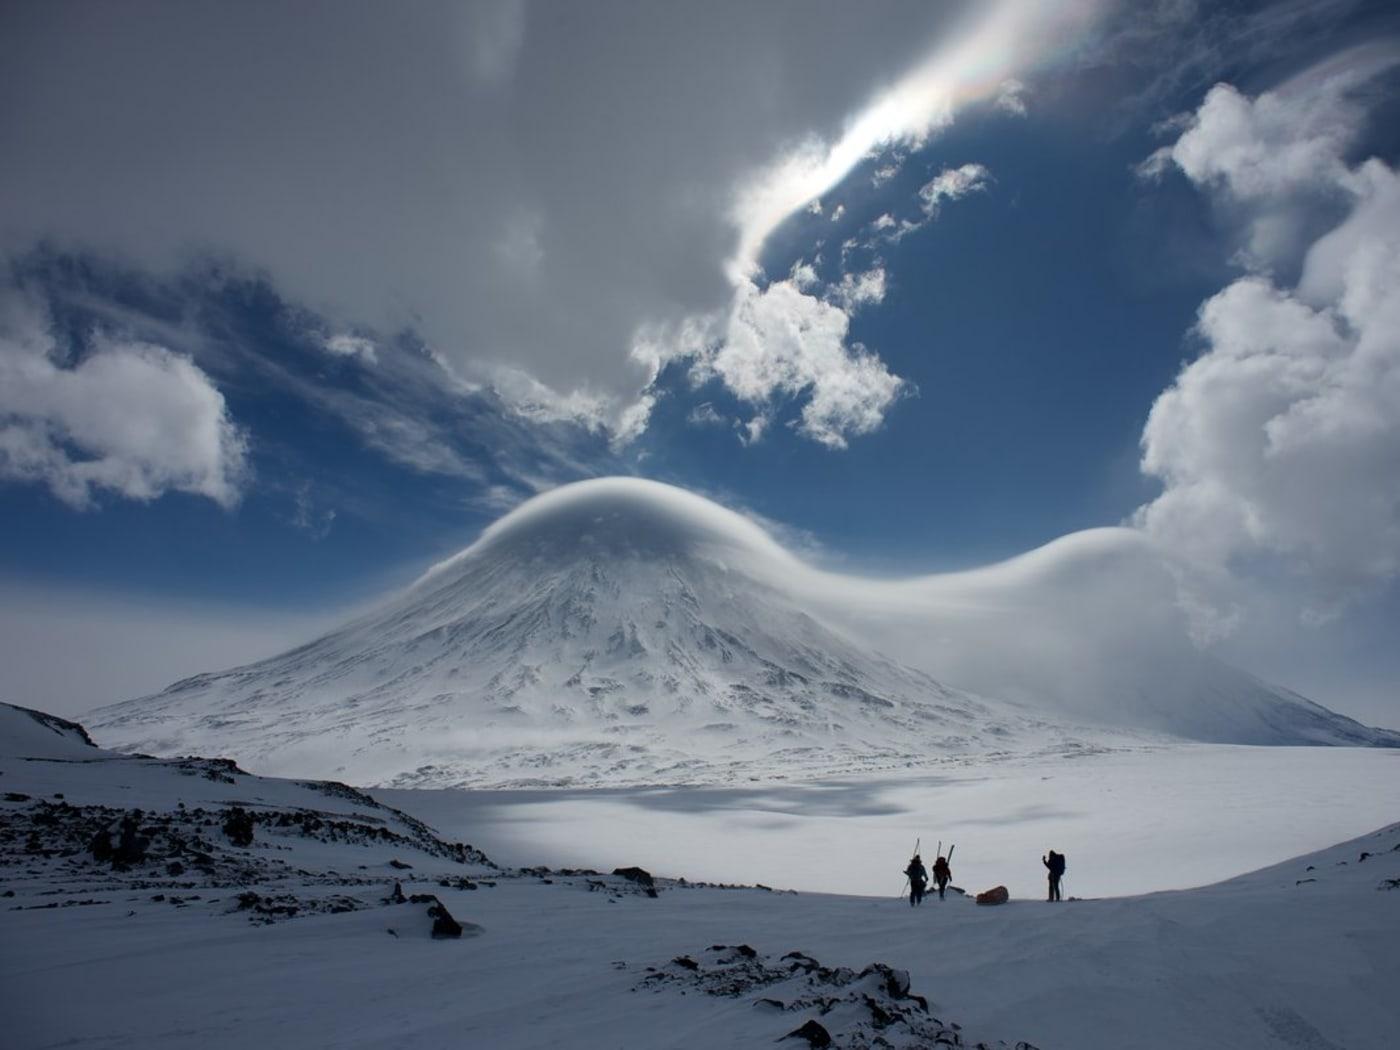 Ski Kamchatka Klyutchevskoy Sopka Expedition 2013